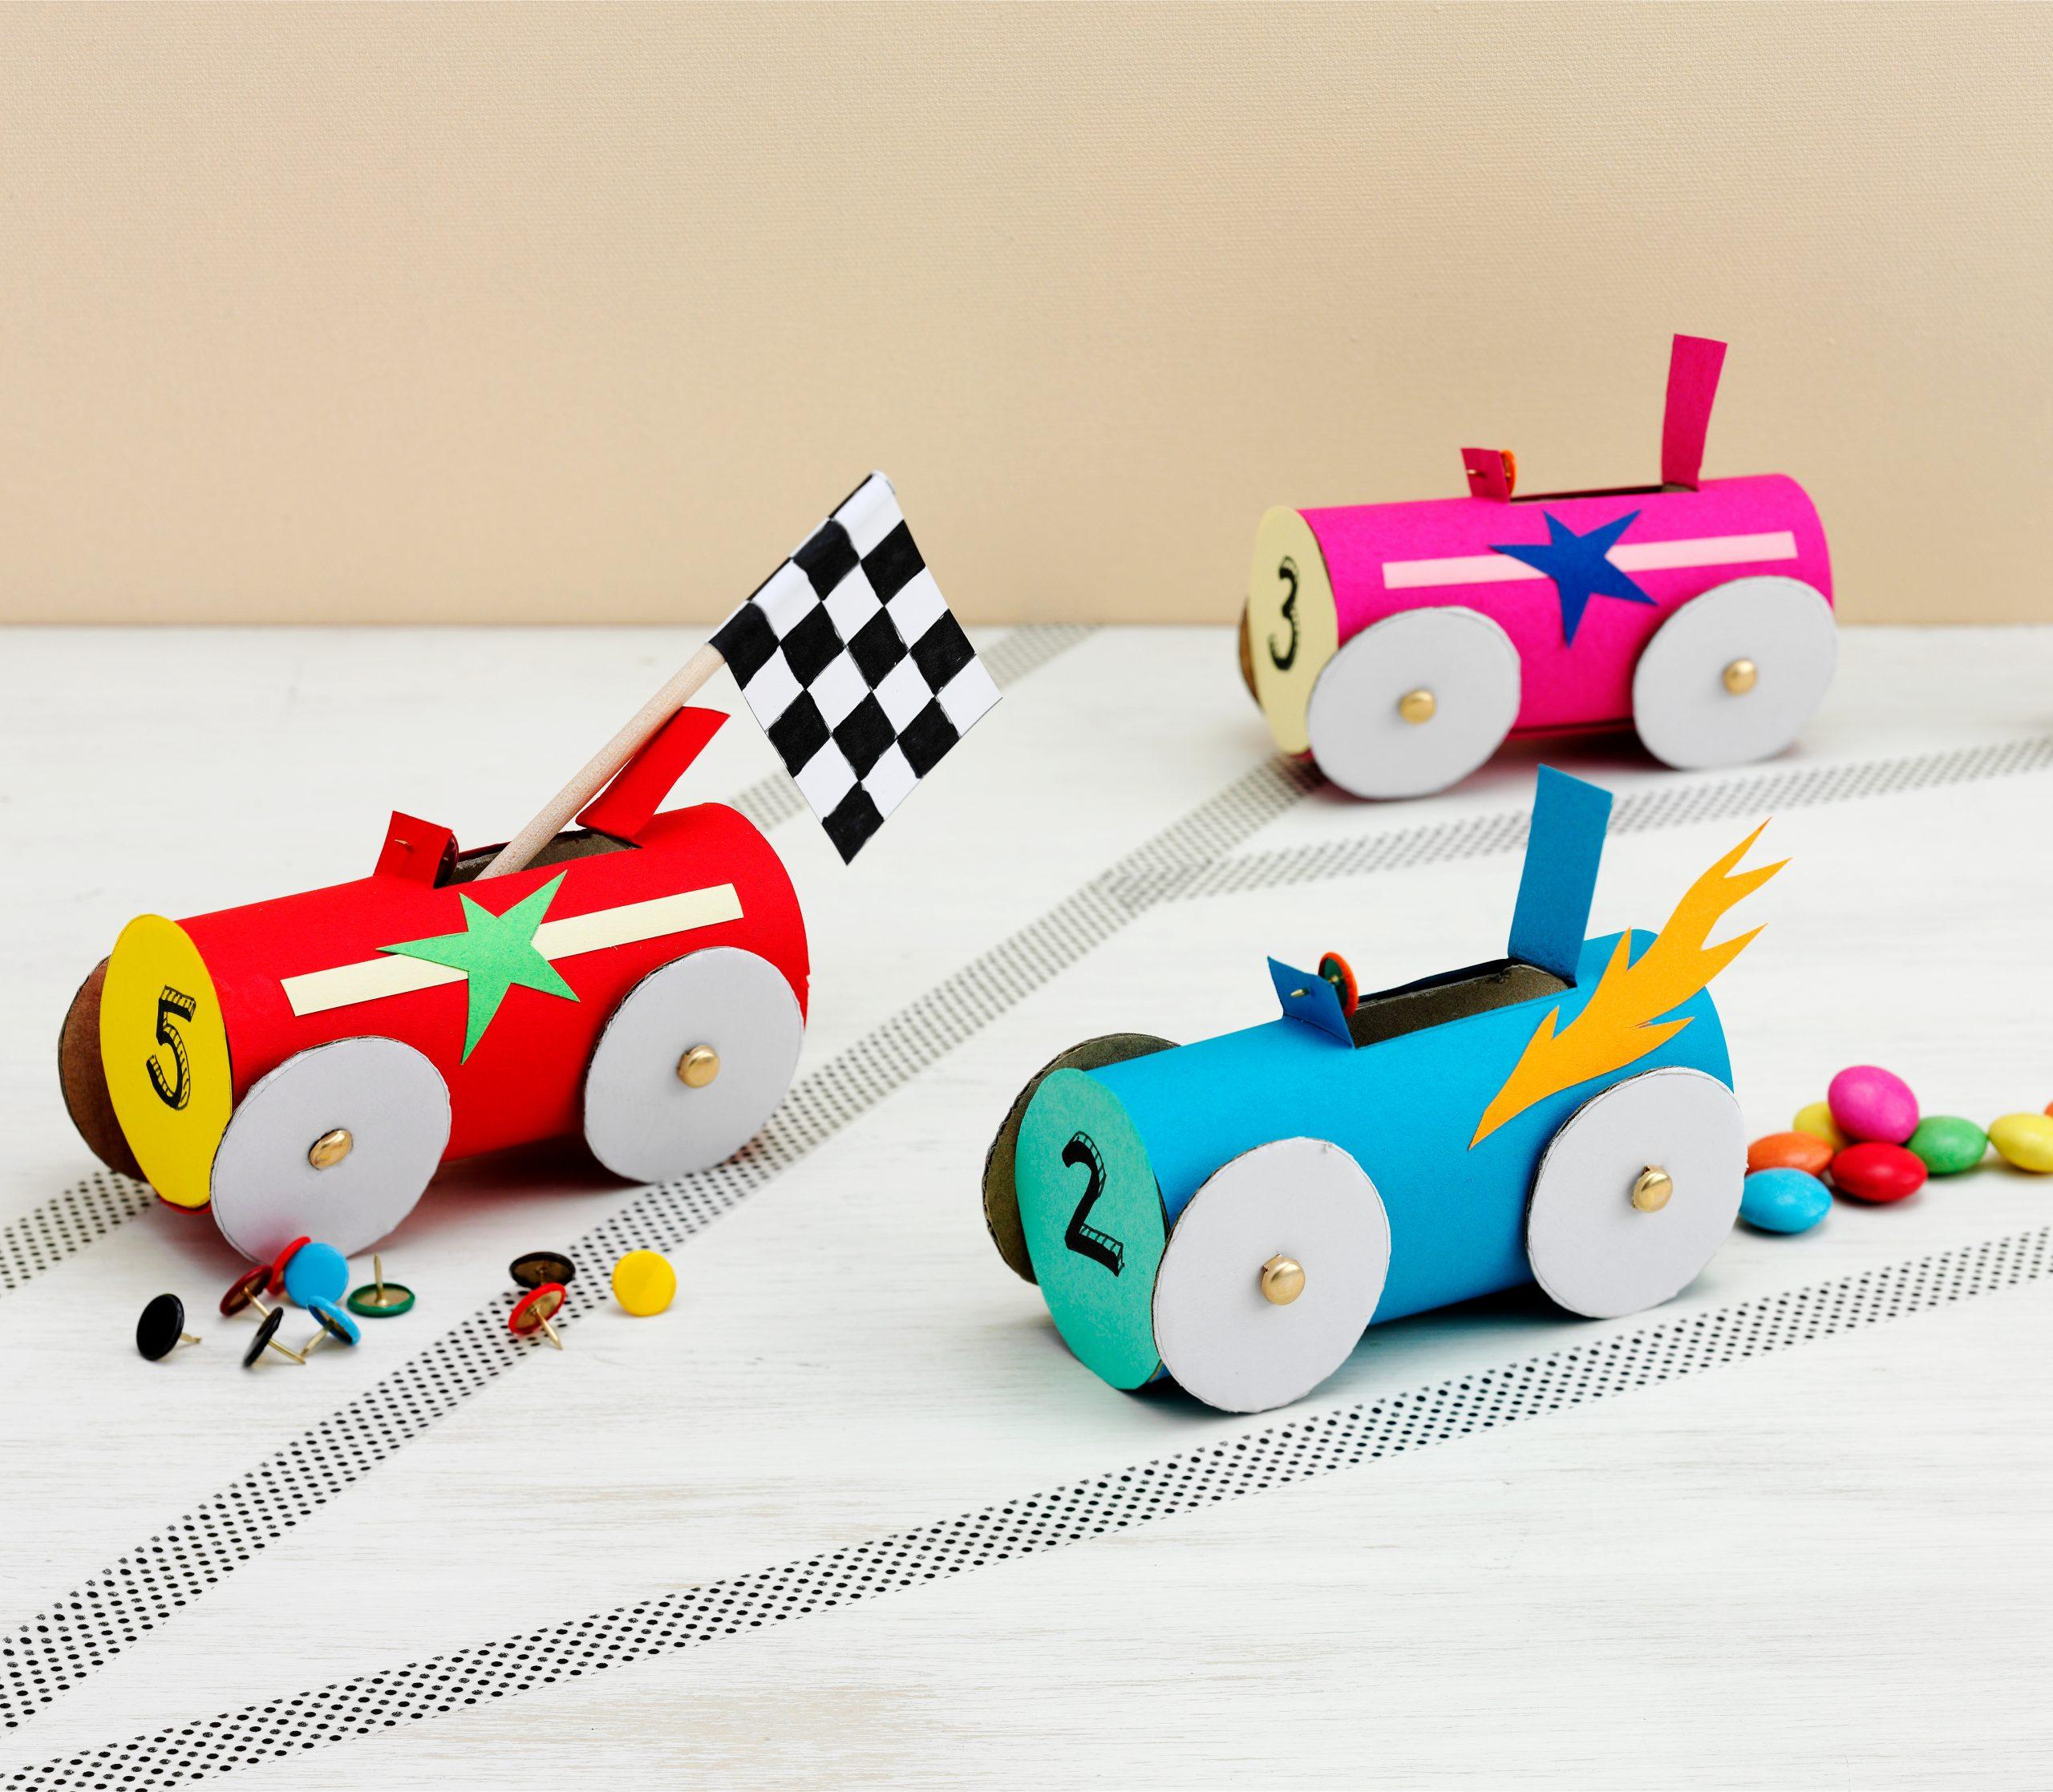 Basteln Mit Kindern: Basteltipps & Anleitungen | Famigros bei Weihnachtsbasteln Mit Kindern Ab 3 Jahren